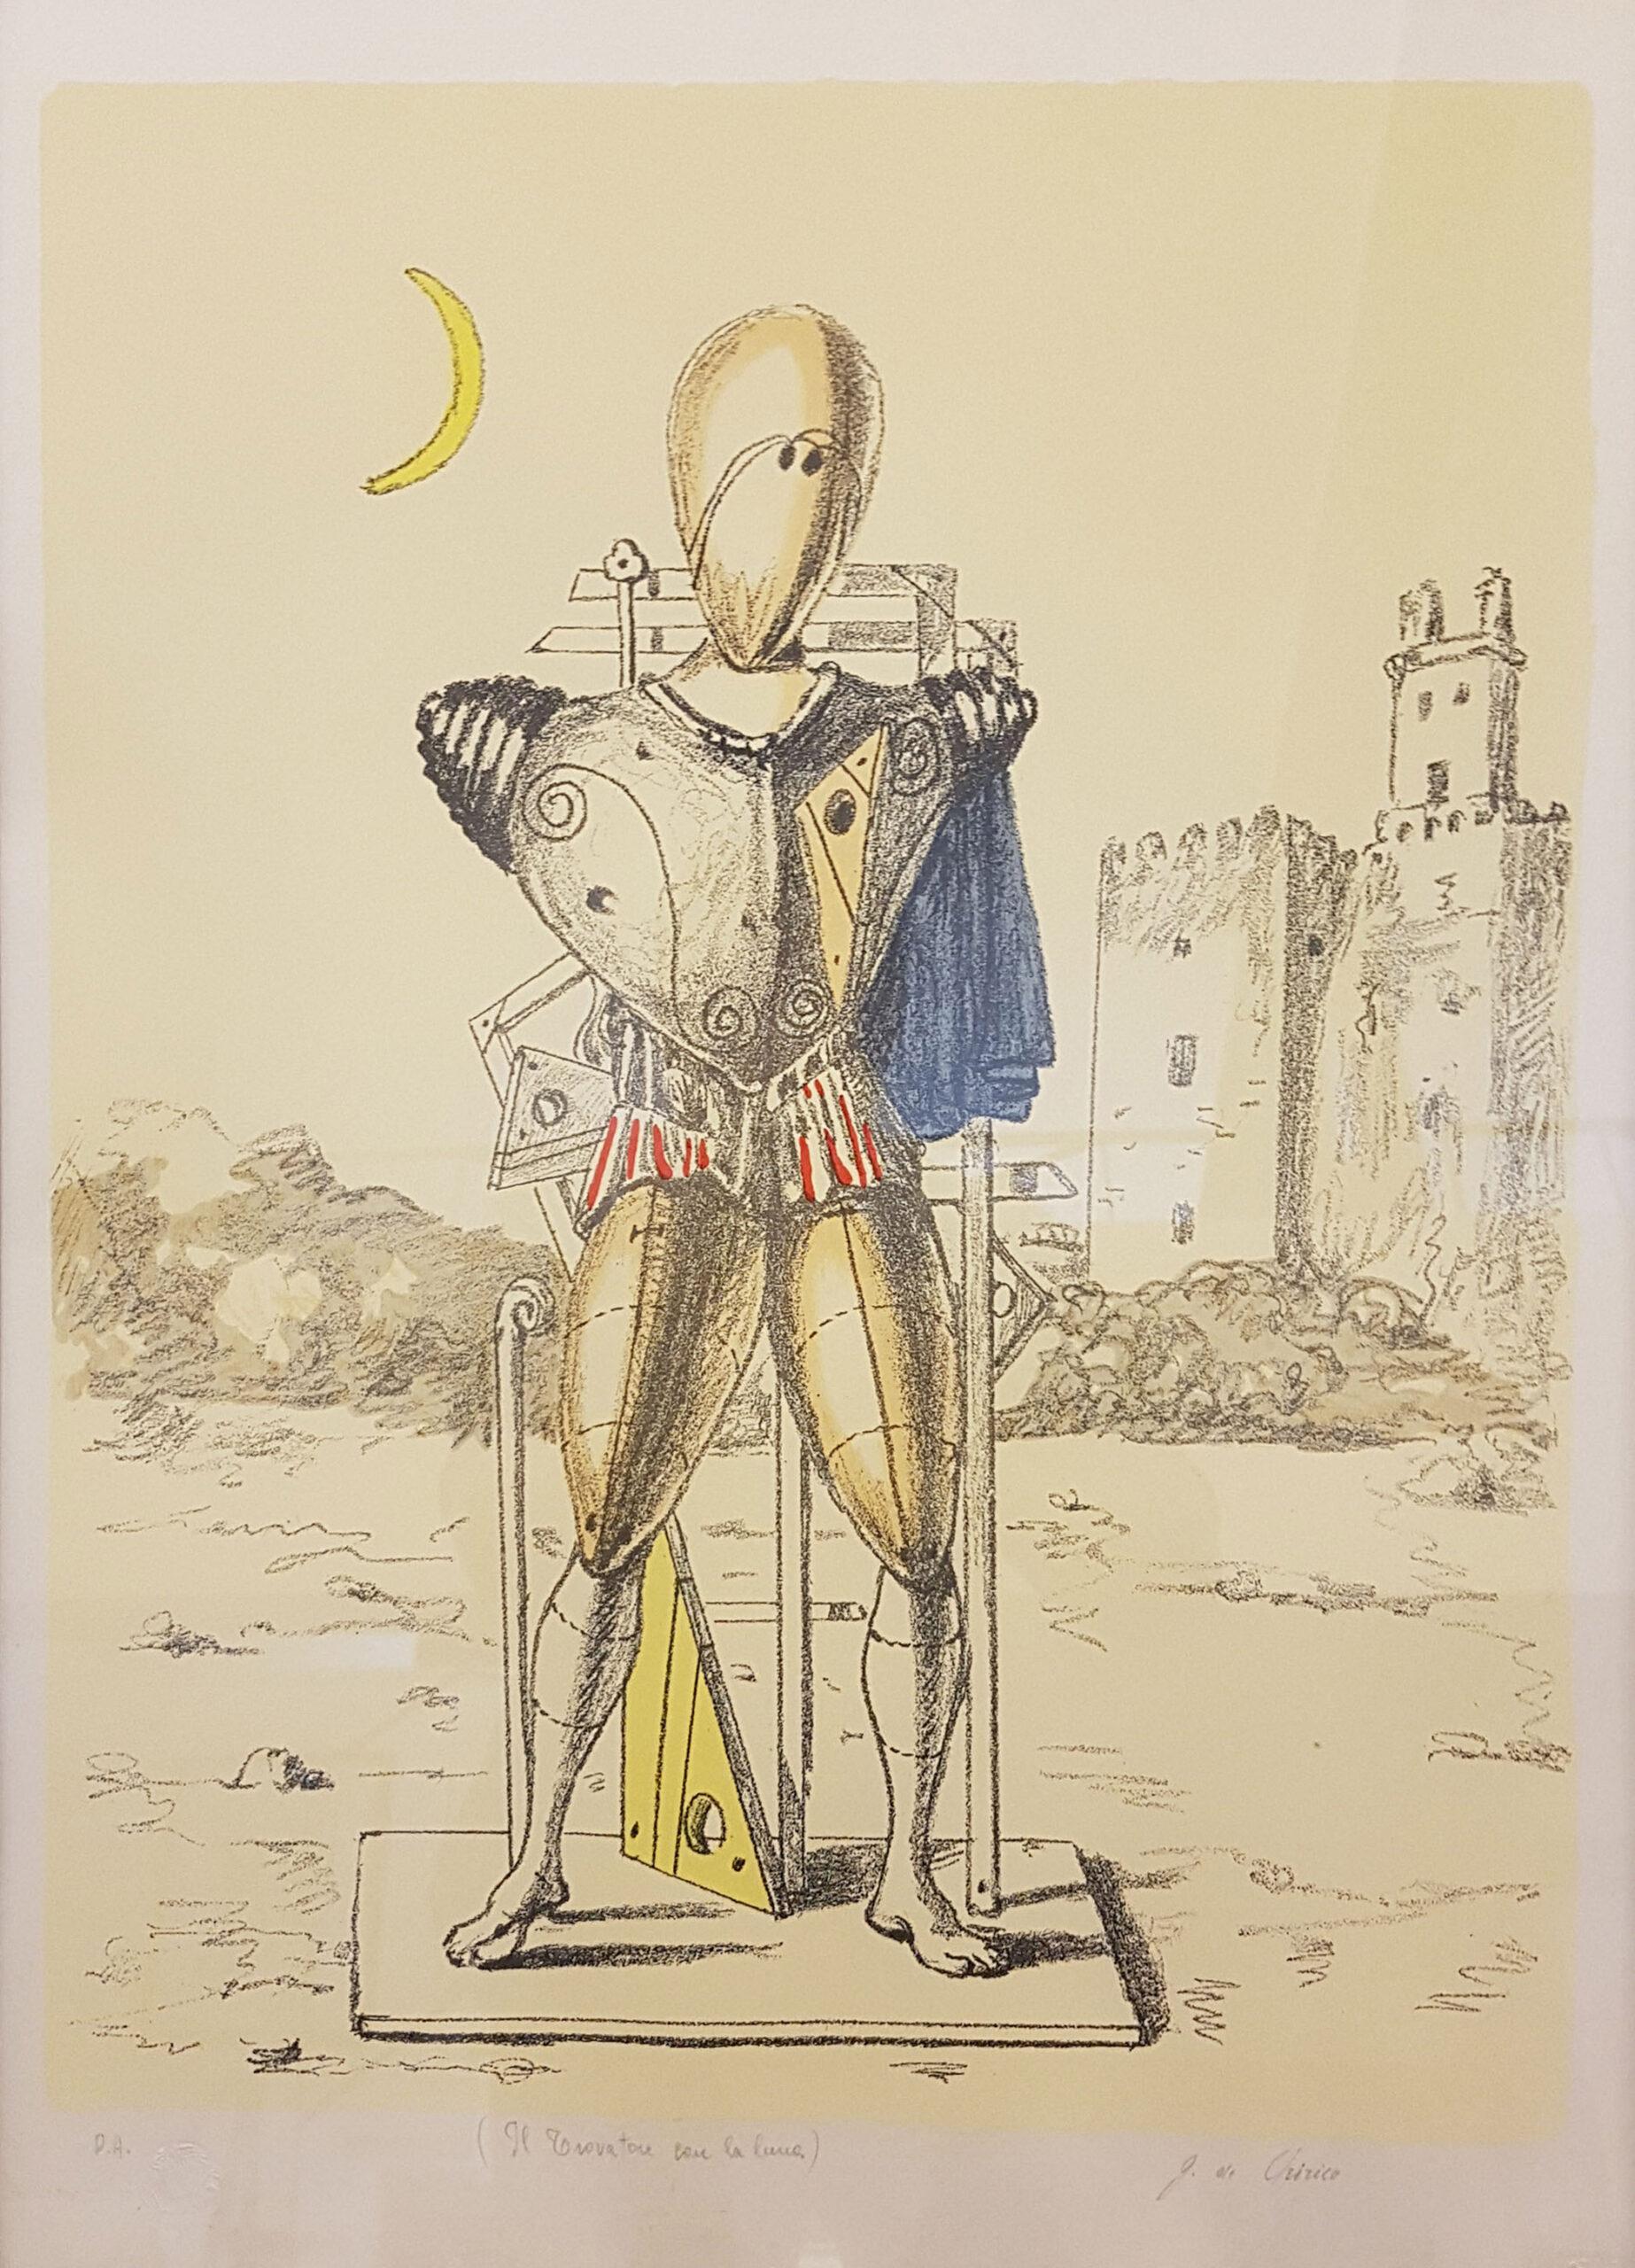 Il Trovatore con la luna - Giorgio De Chirico